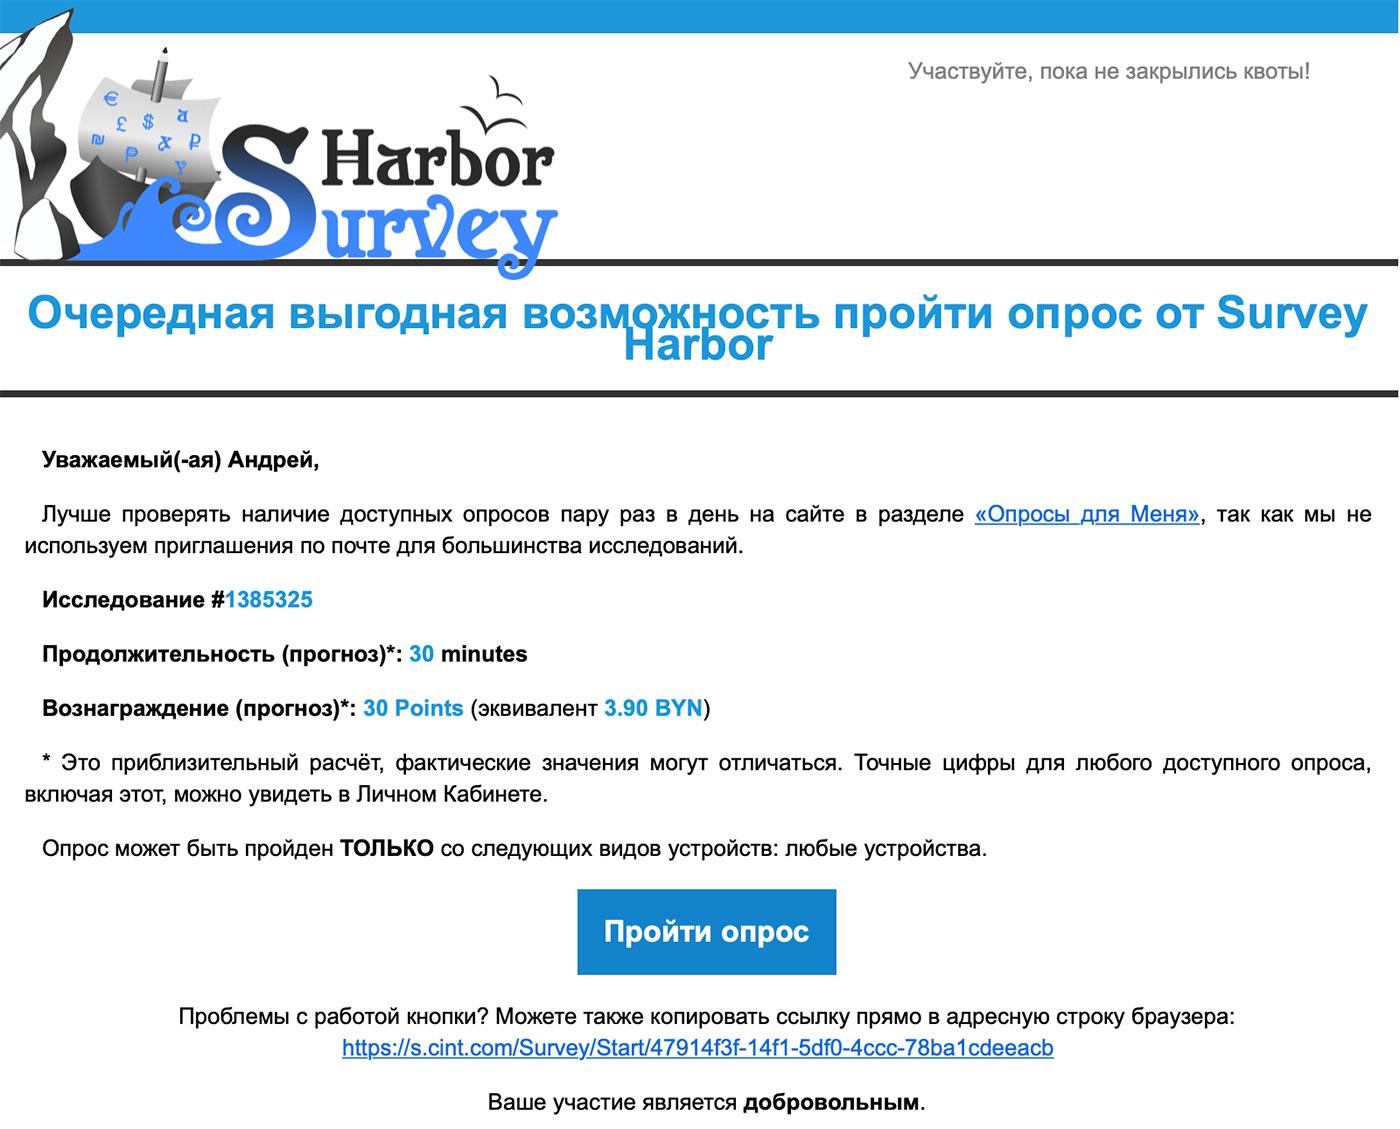 приглашение на опрос survey harbor